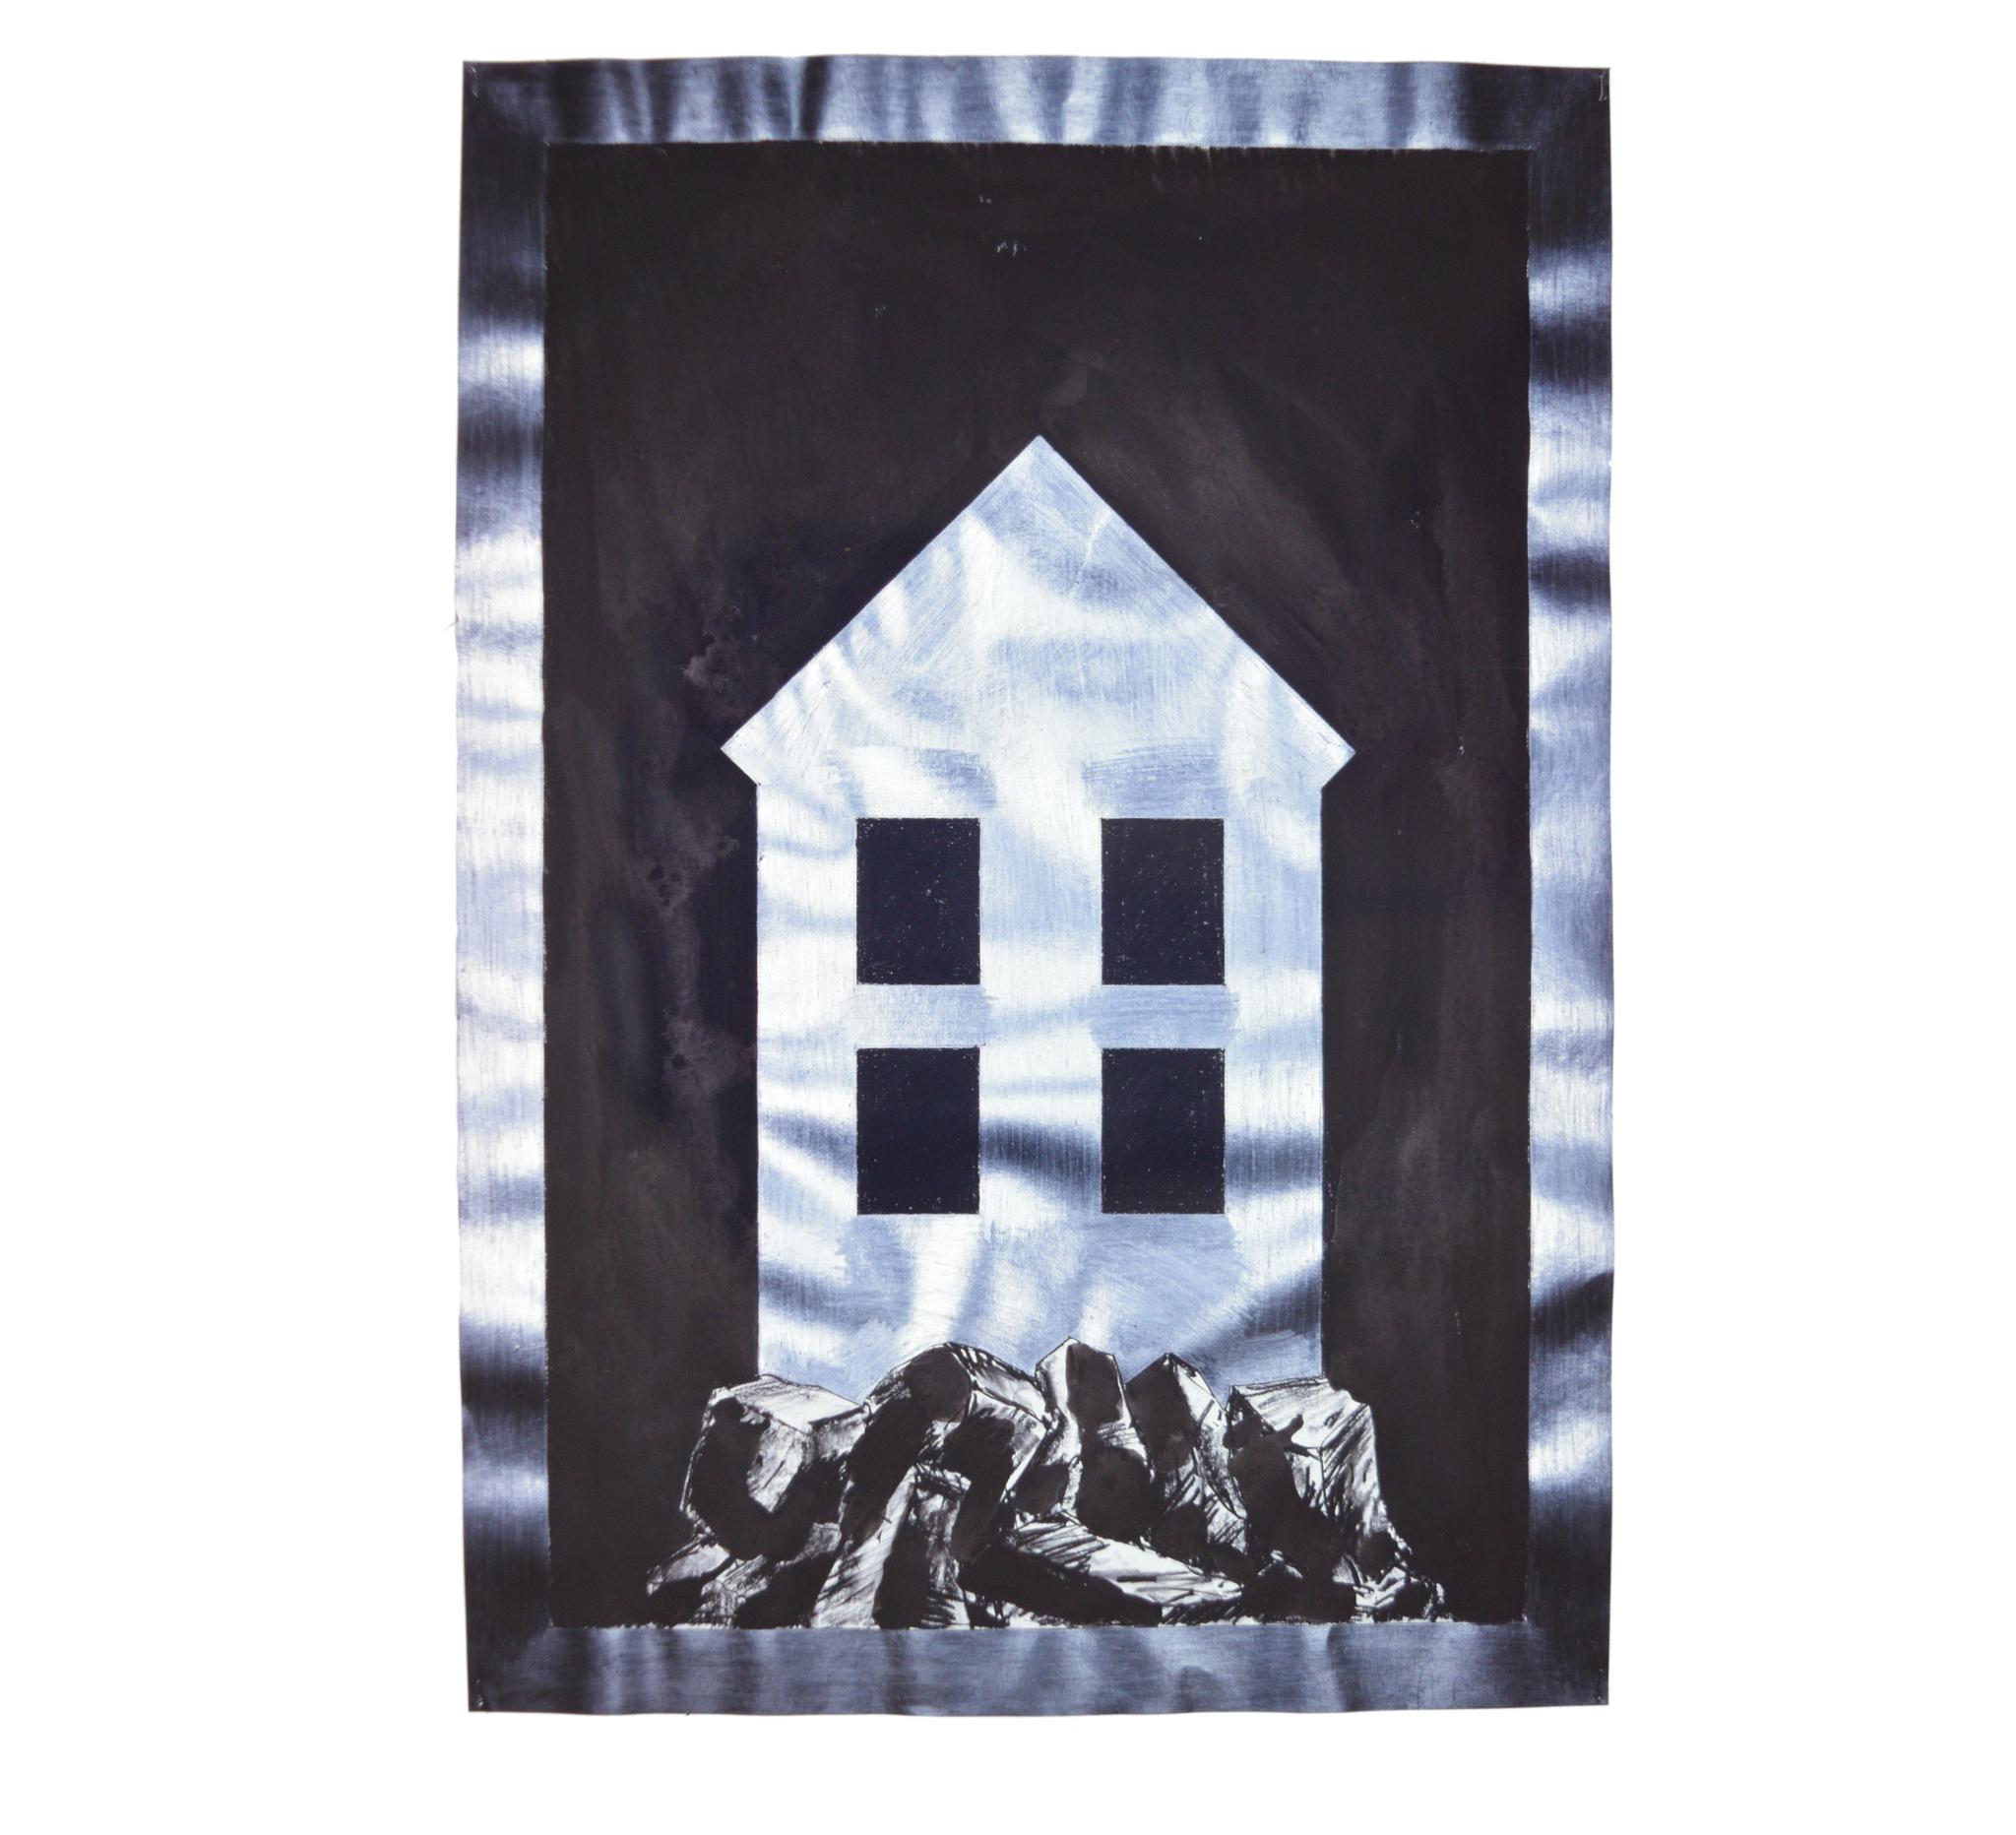 """""""Maison sur rochers"""" 1980, fusain, crayon, encre de Chine sur papier, 90 x 63 cm - Photo Hadler/Stuhr"""